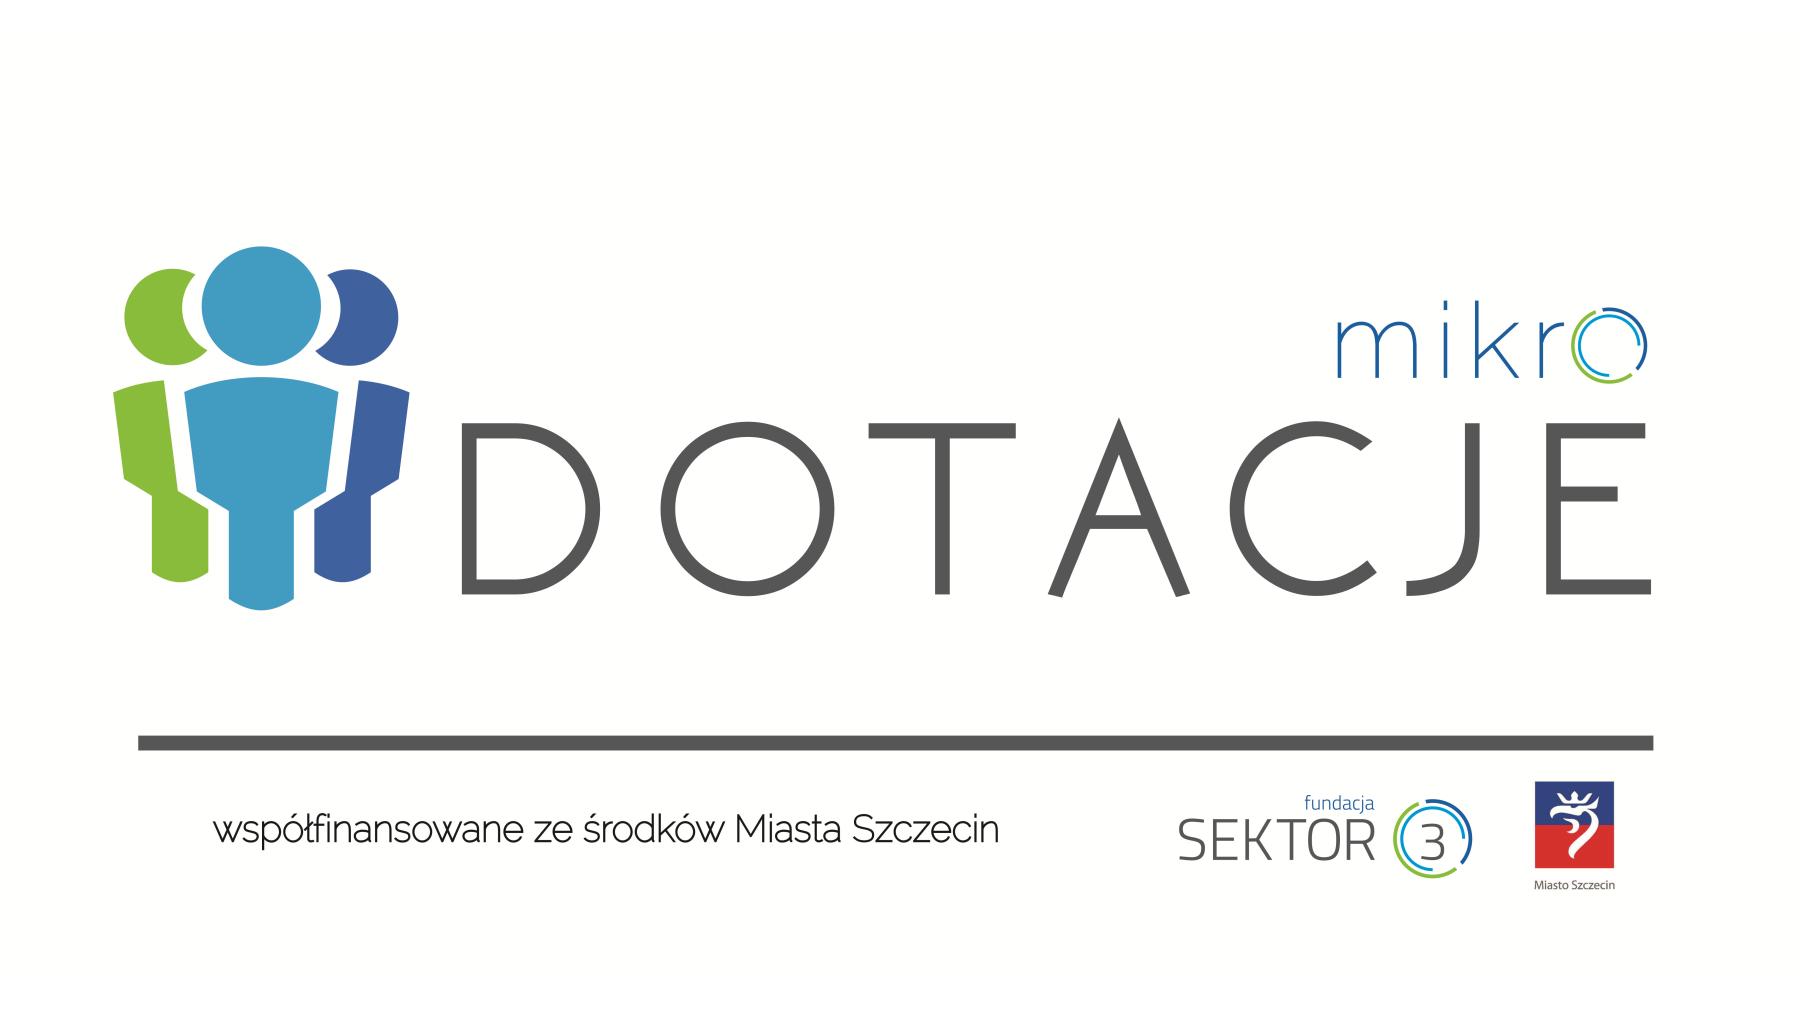 Grafika. Na białym w centralnej części znajduje się napis mikroDOTACJE. Po lewej stronie od napisu znajdują się 3 kolorowe figurki ludzi. Pod napisem znajduje się napis współfinansowane ze środków Miasta Szczecin oraz logotyp Fundacji Sektor 3 oraz Gminy Miasto Szczecin.